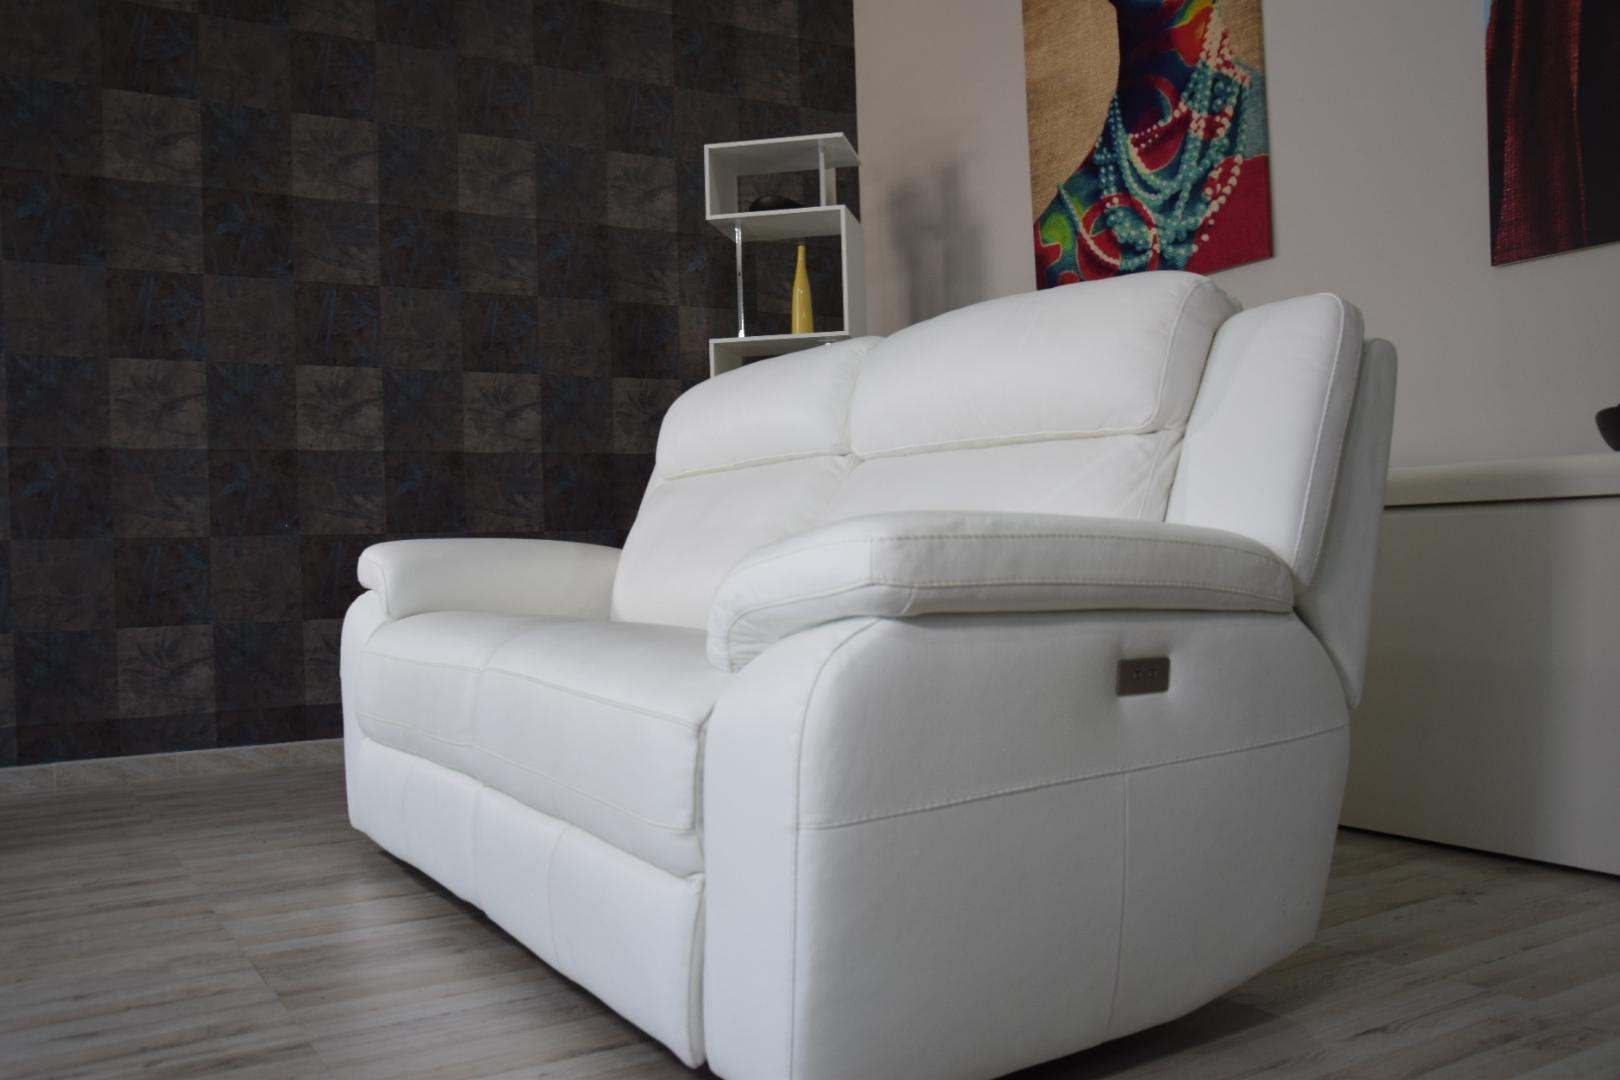 Divani Con Meccanismo Relax divano relax 3 posti in pelle di colore bianco con meccanismi recliner  elettrici - schienale alto e poggiatesta imbottiti